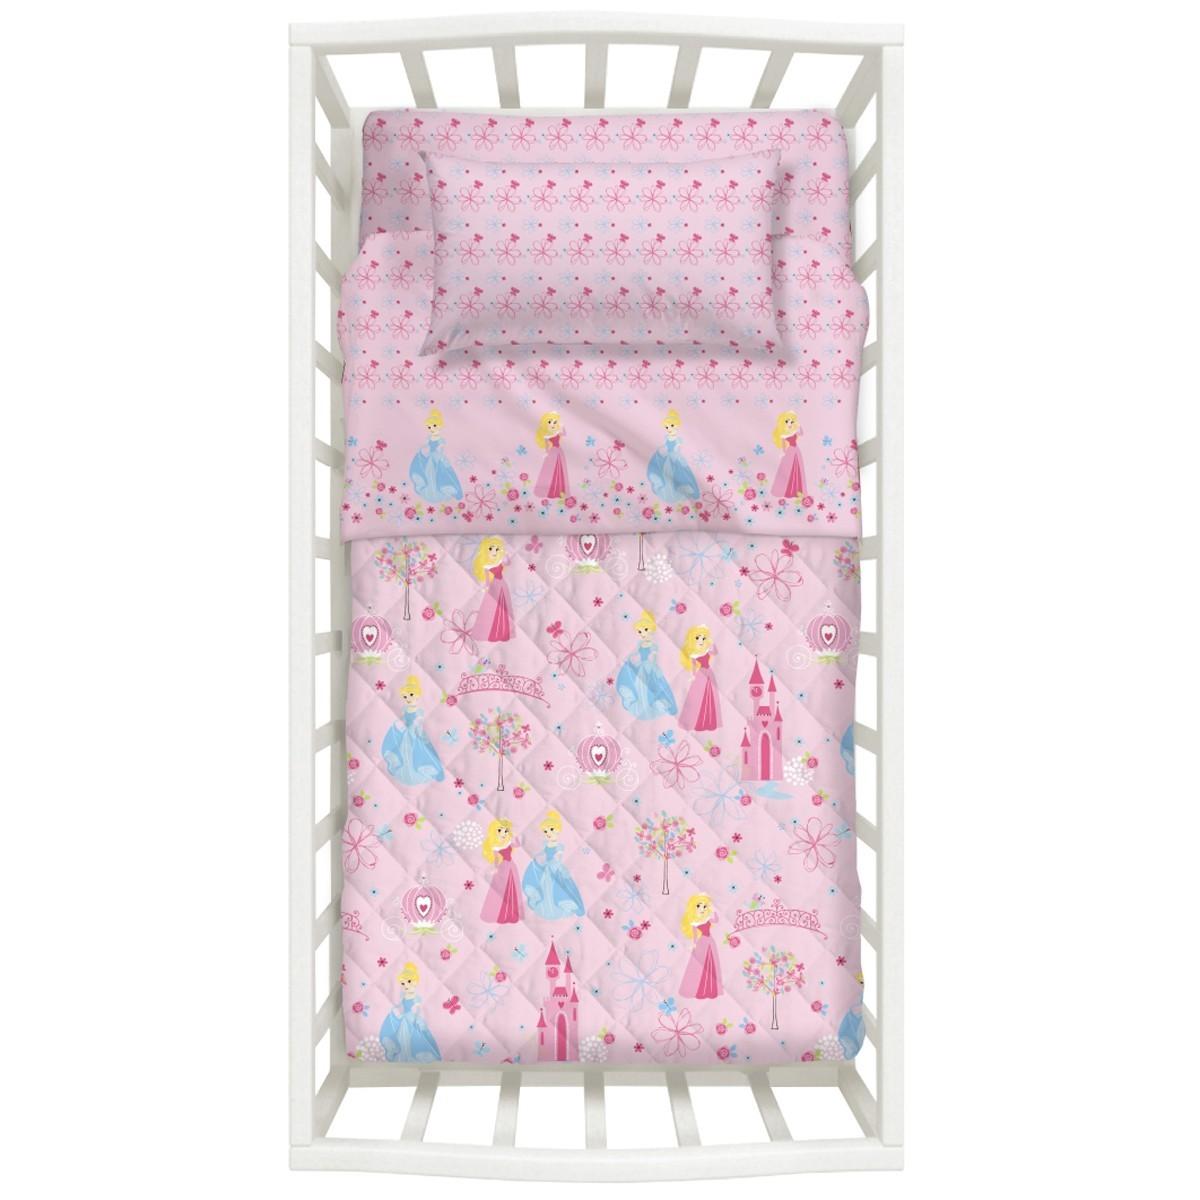 Βρεφικό Σετ Κρεβατιού (Σετ 5 Τμχ) Princess Palamaiki Baby Collection